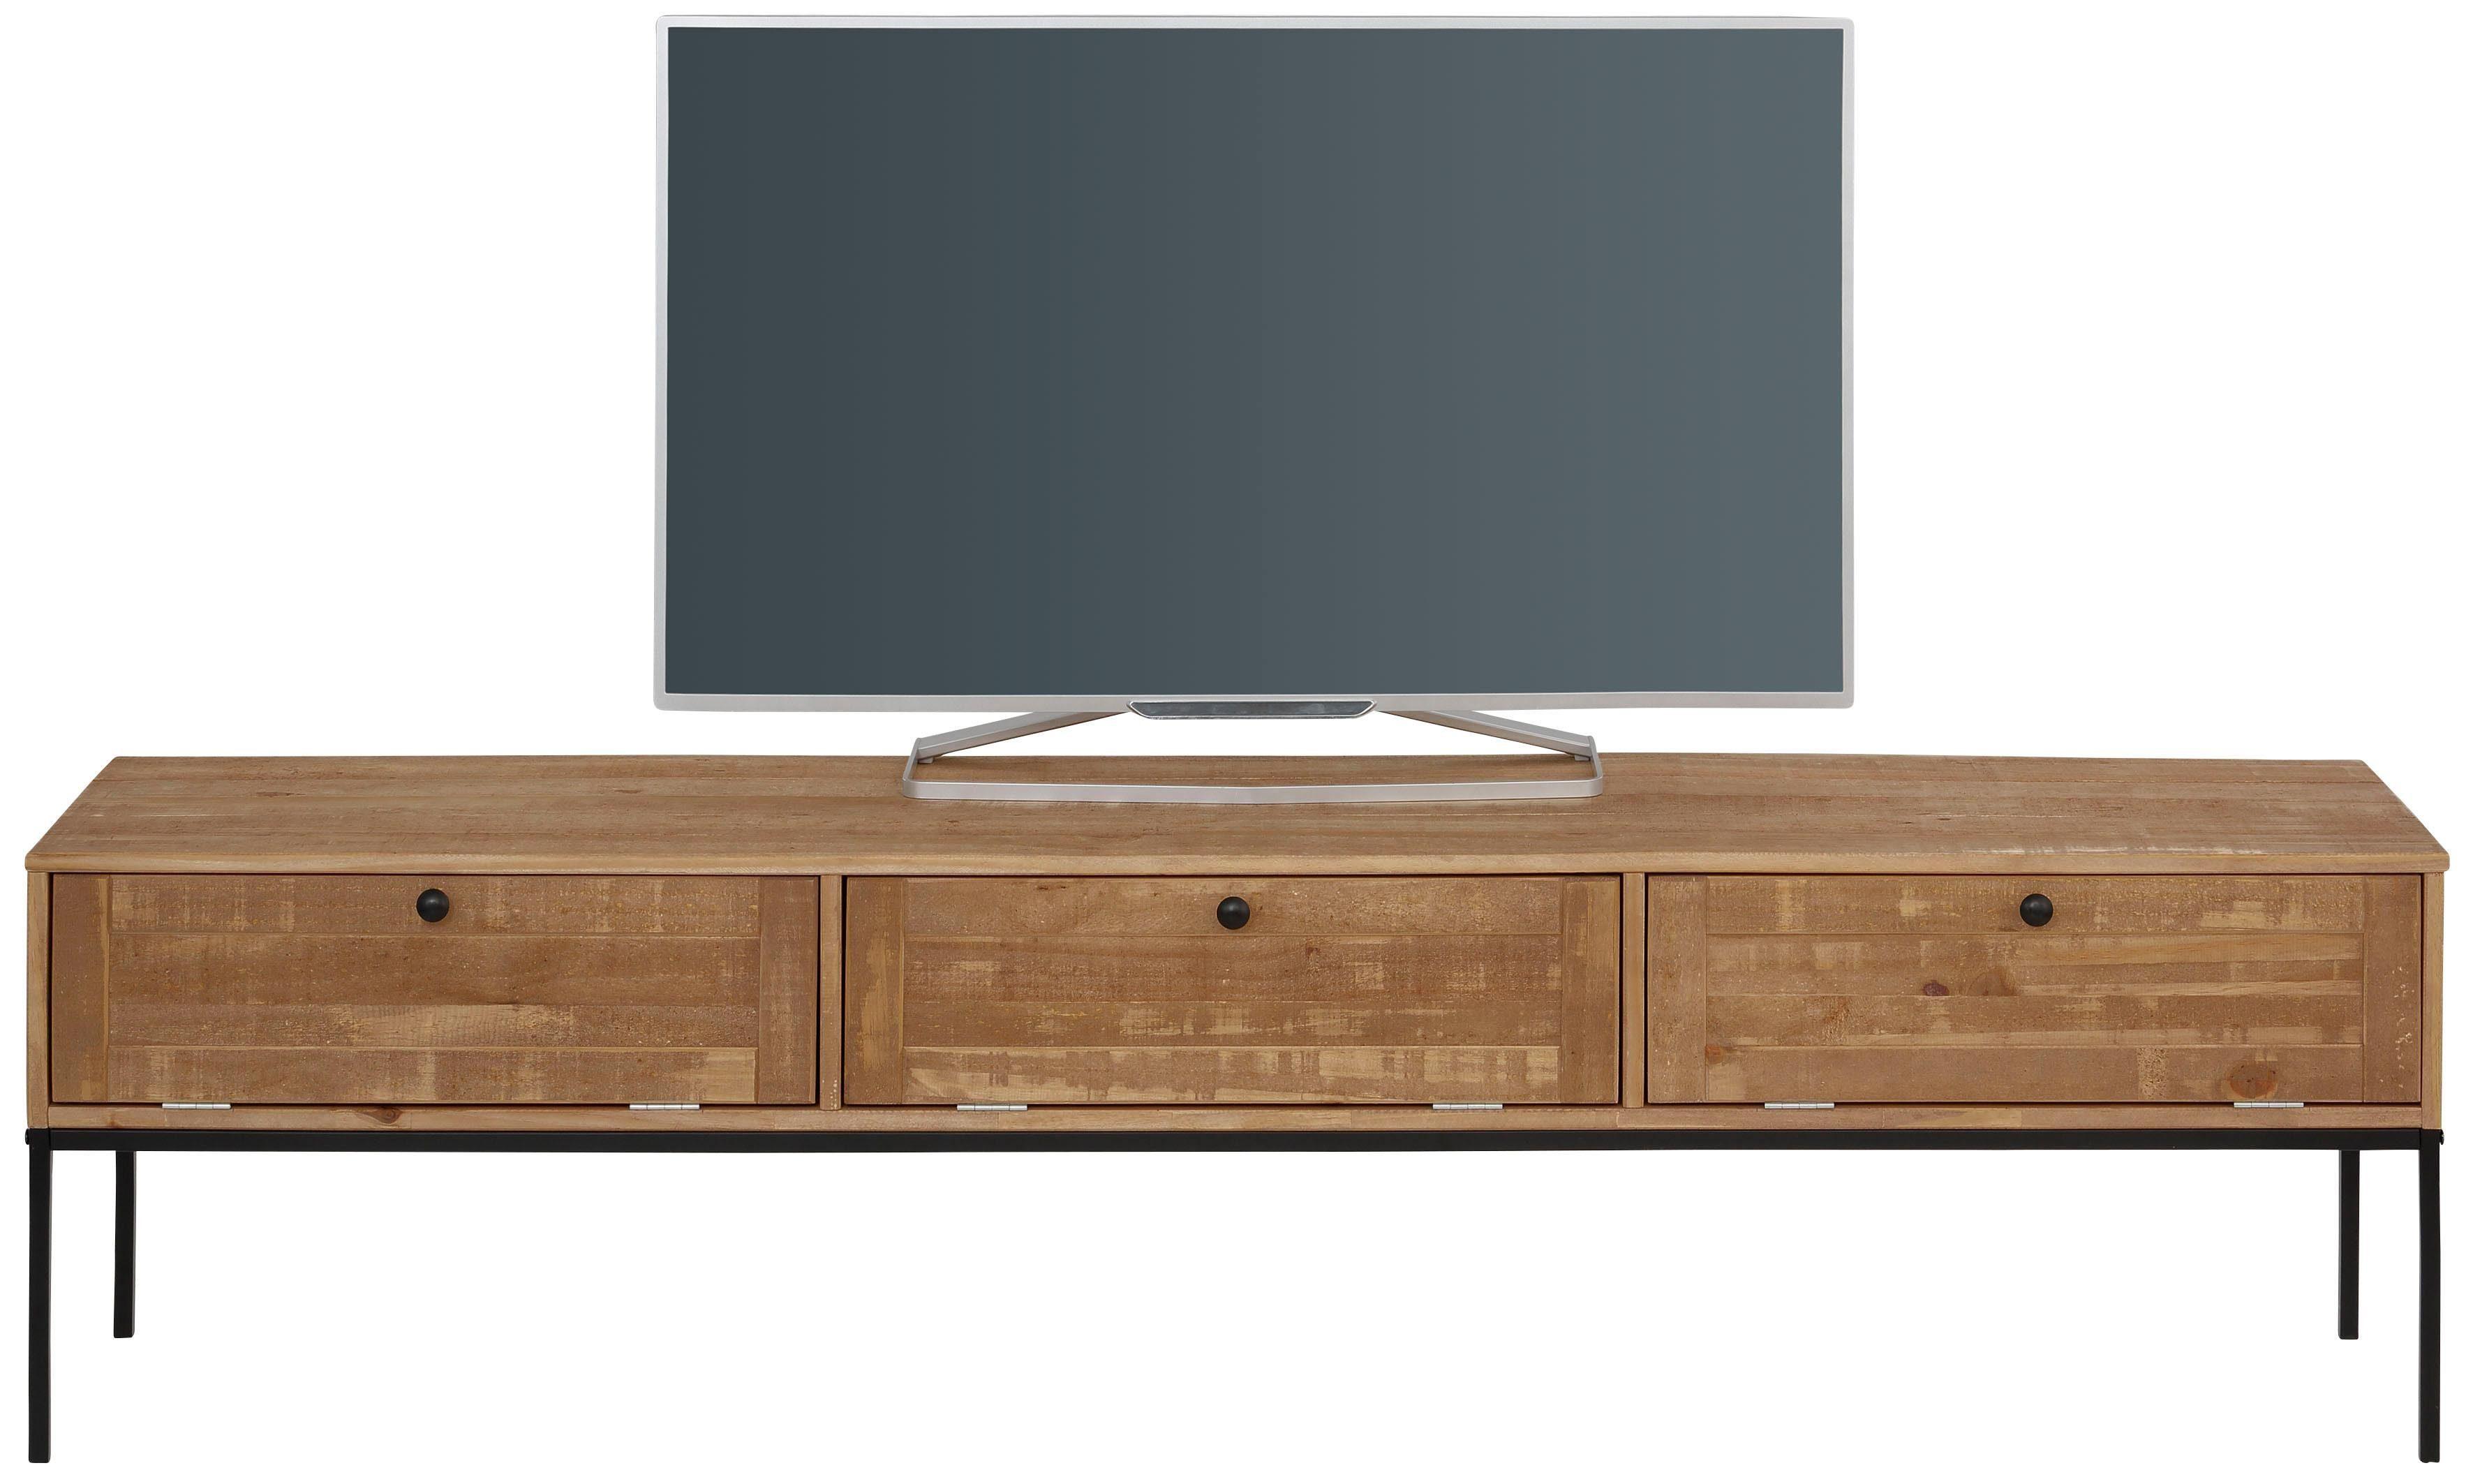 Tv meubel hout en staal boomstam eiken firma hout staal